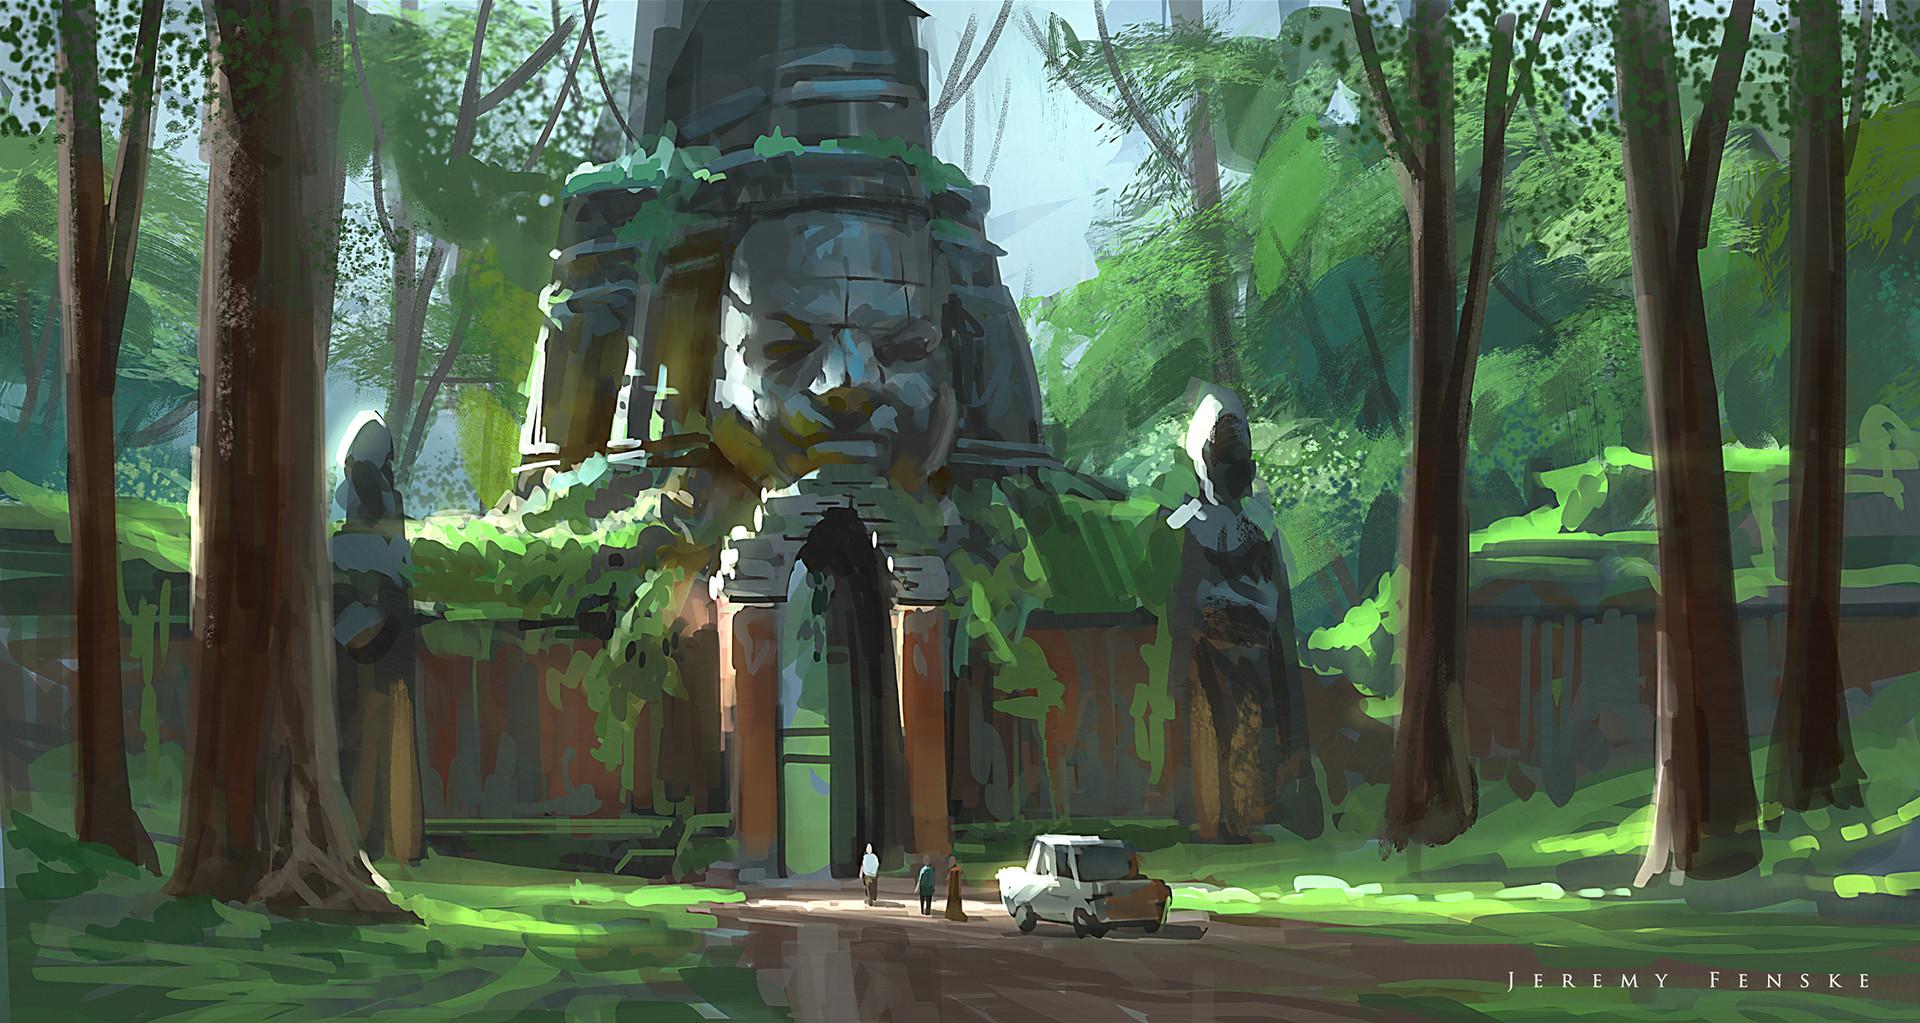 Jungle Sketch Art